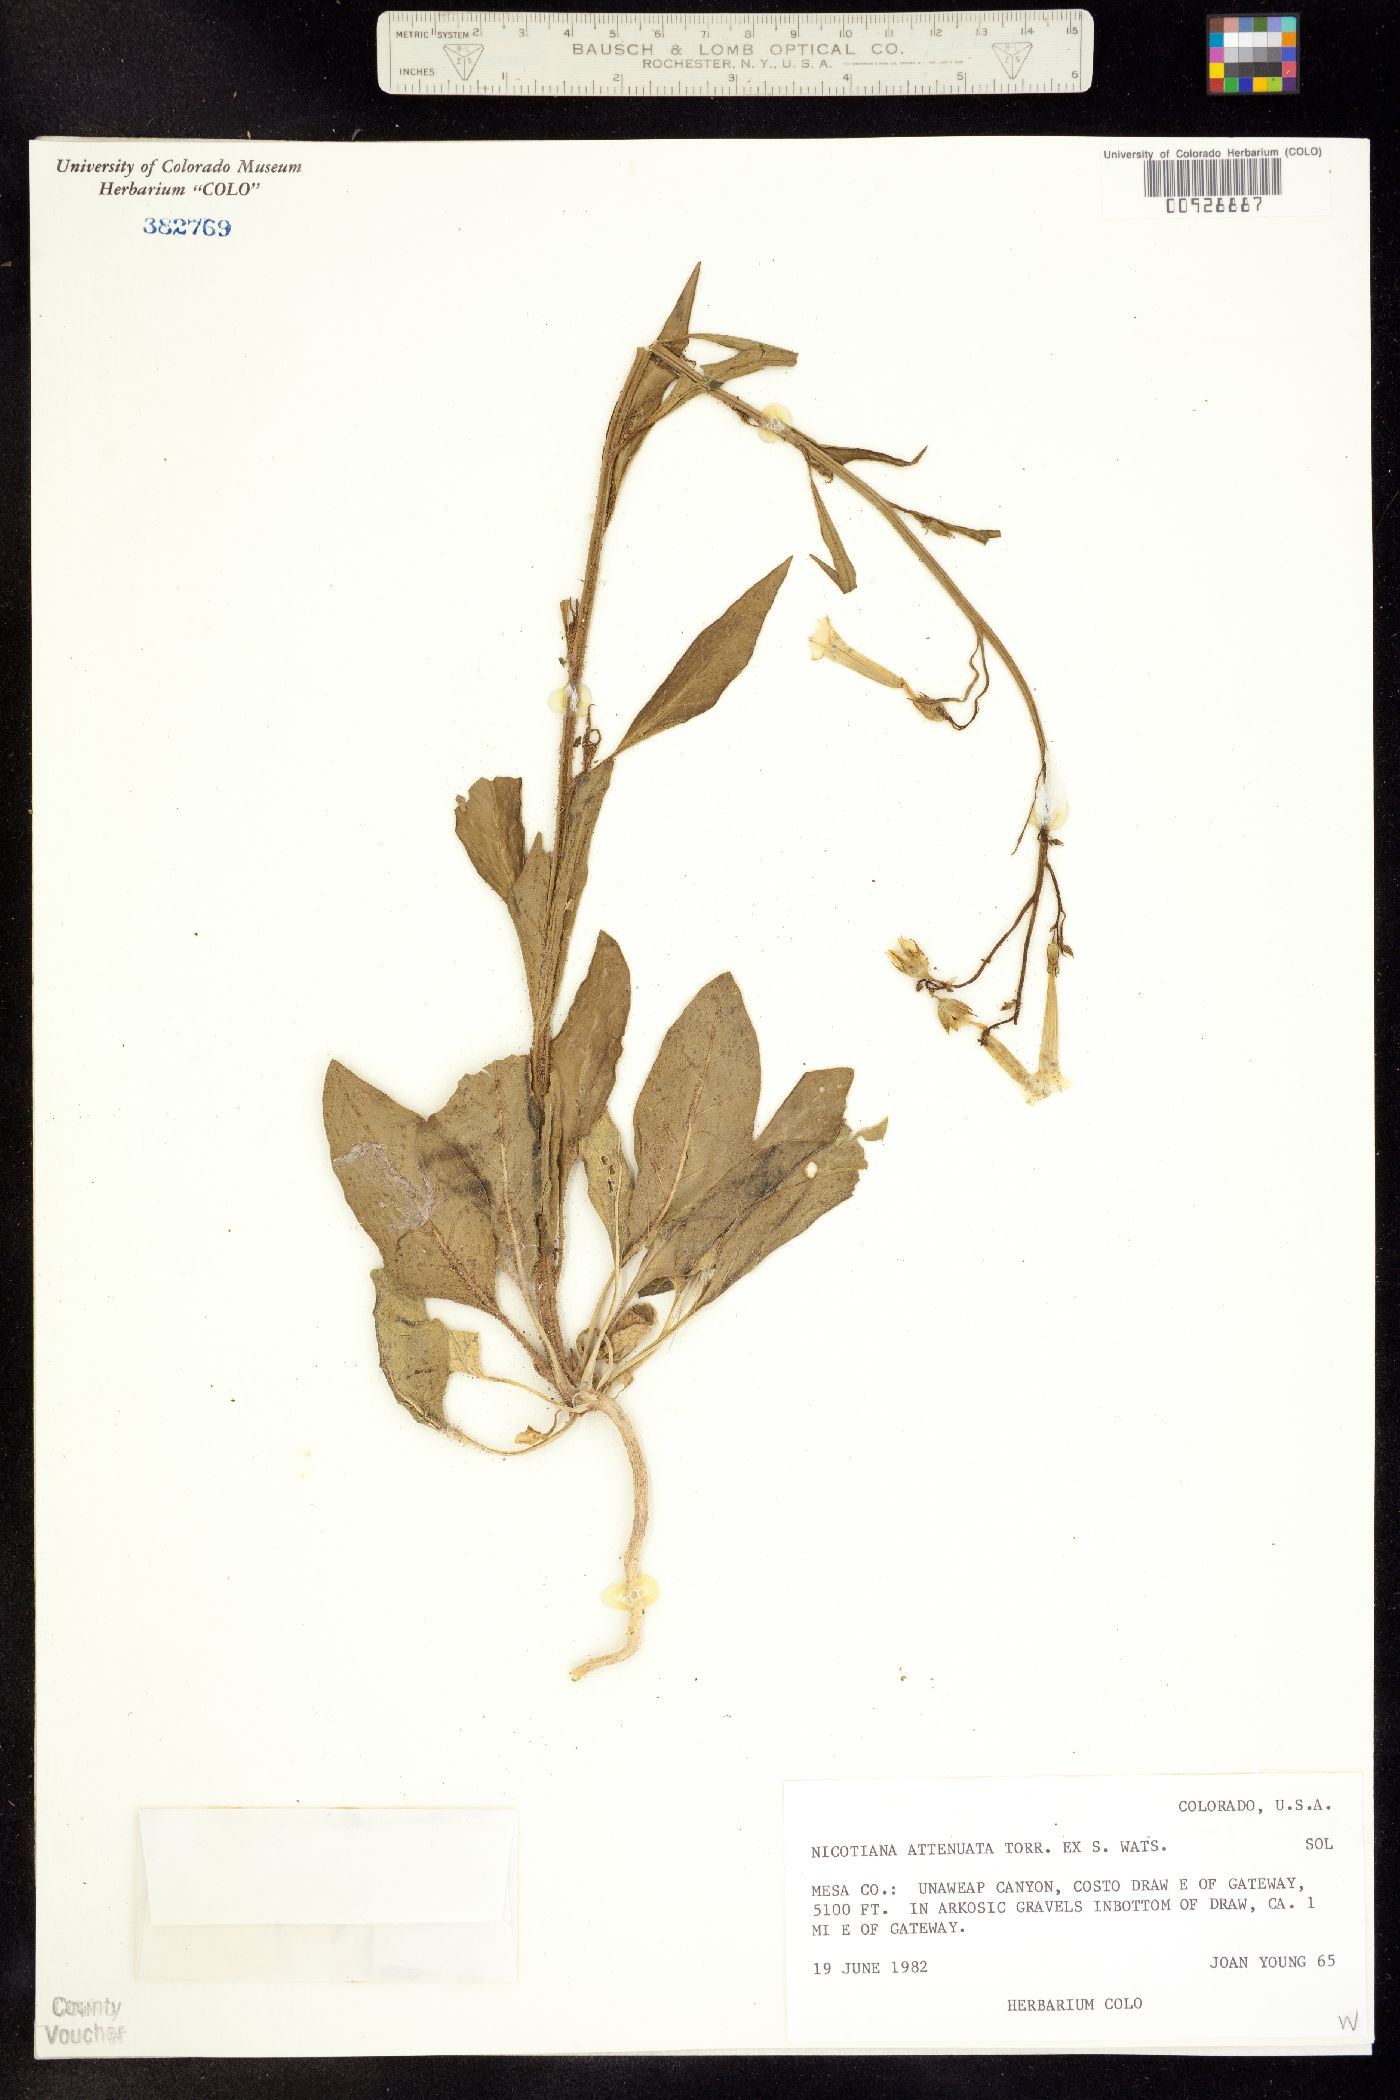 Nicotiana image